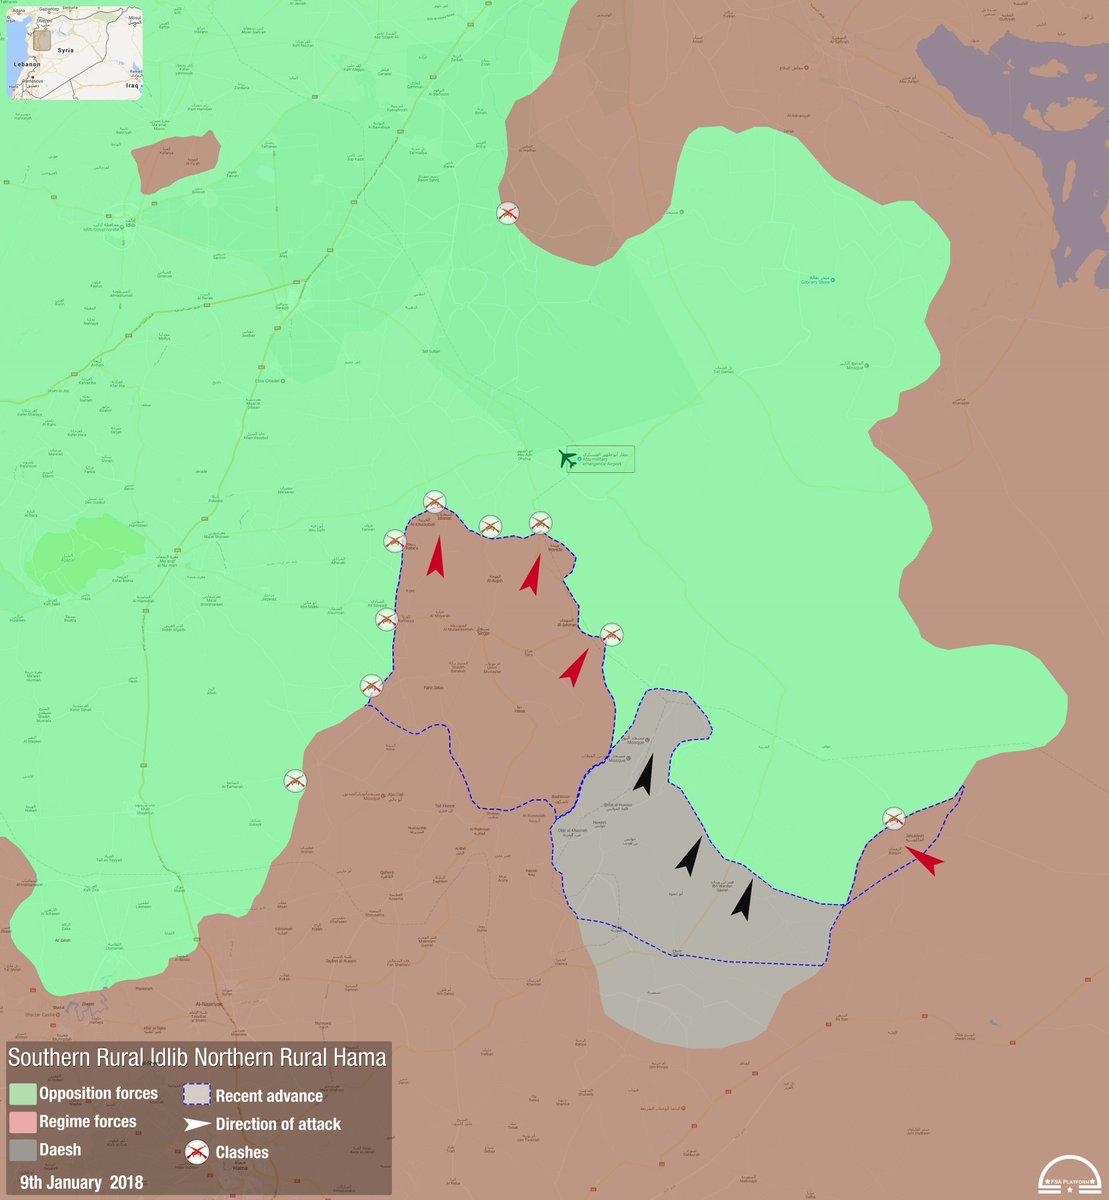 FSA News on Twitter NEW Map Idlib Hama Newly updated Regime